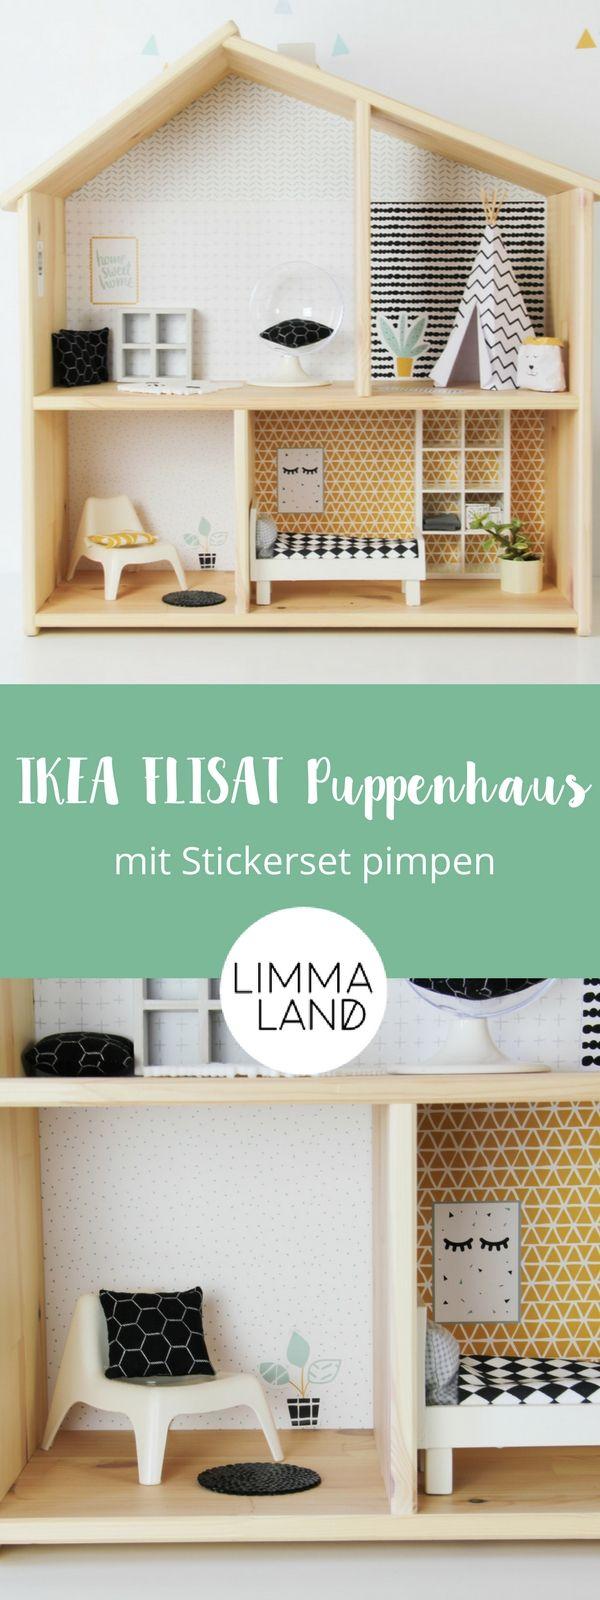 Das IKEA FLISAT Puppenhaus ist noch recht neu im Programm, aber ...